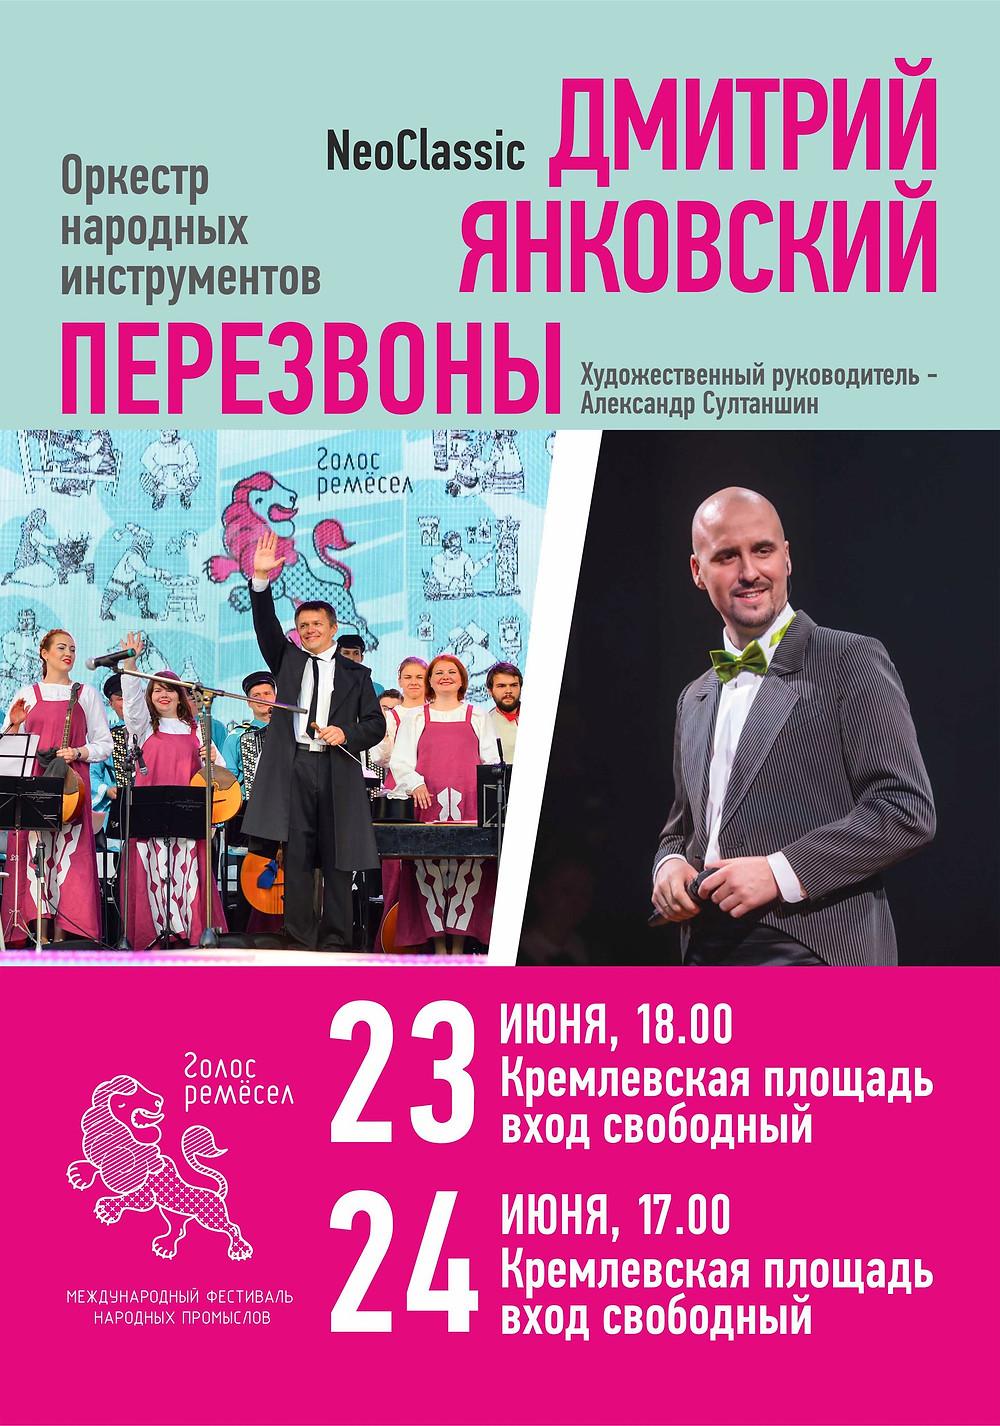 Дмитрий Янковский Вологда голос ремесел